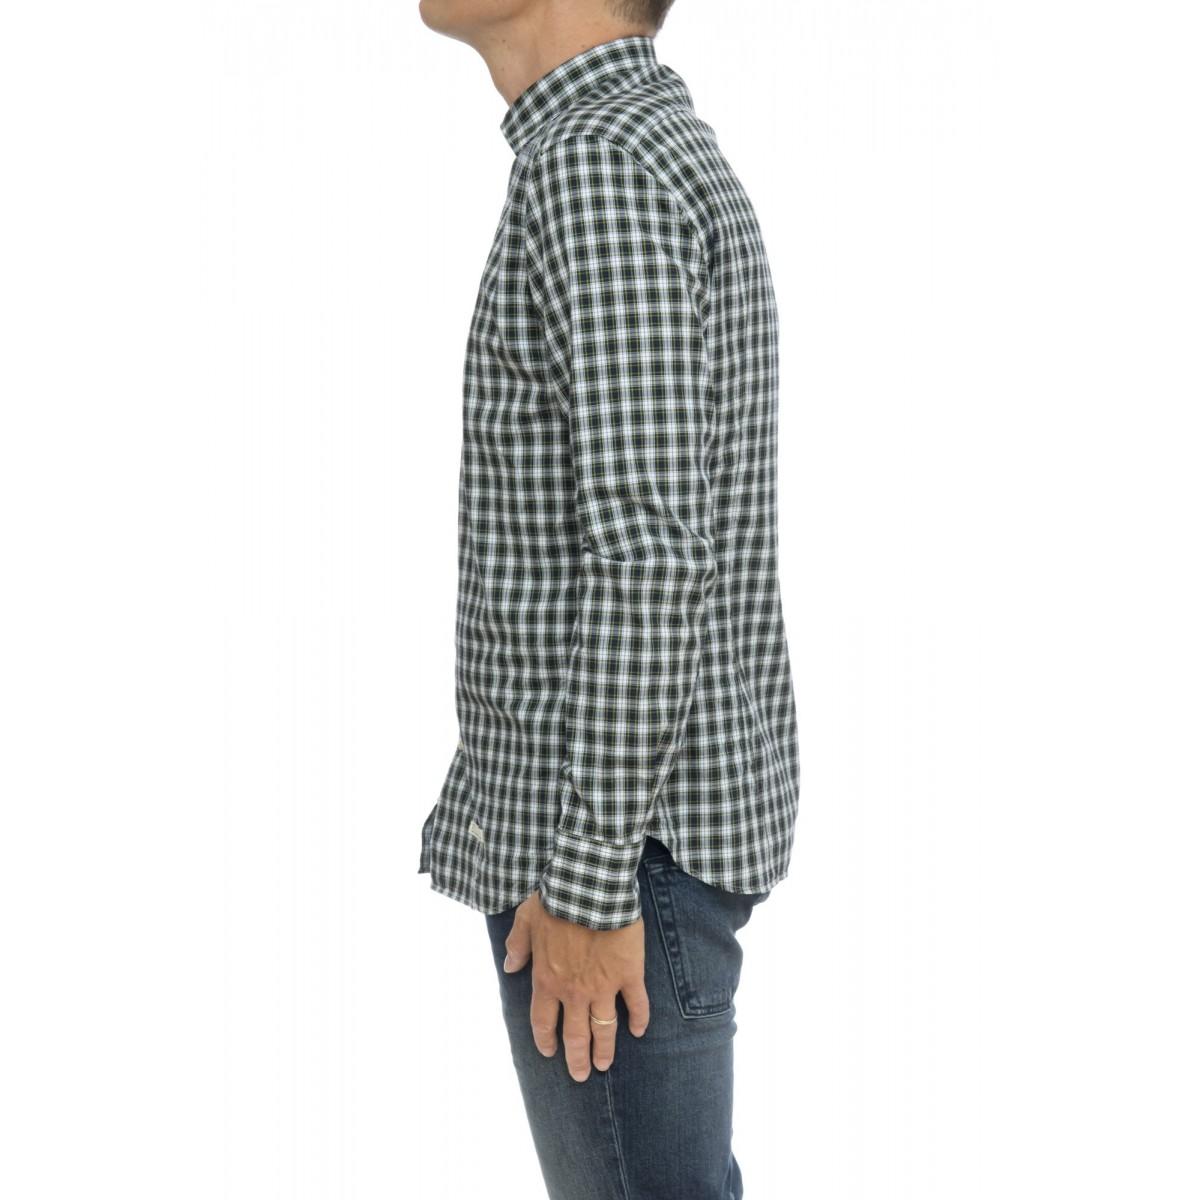 Camicia uomo - Aj njw camicia scozzese slim